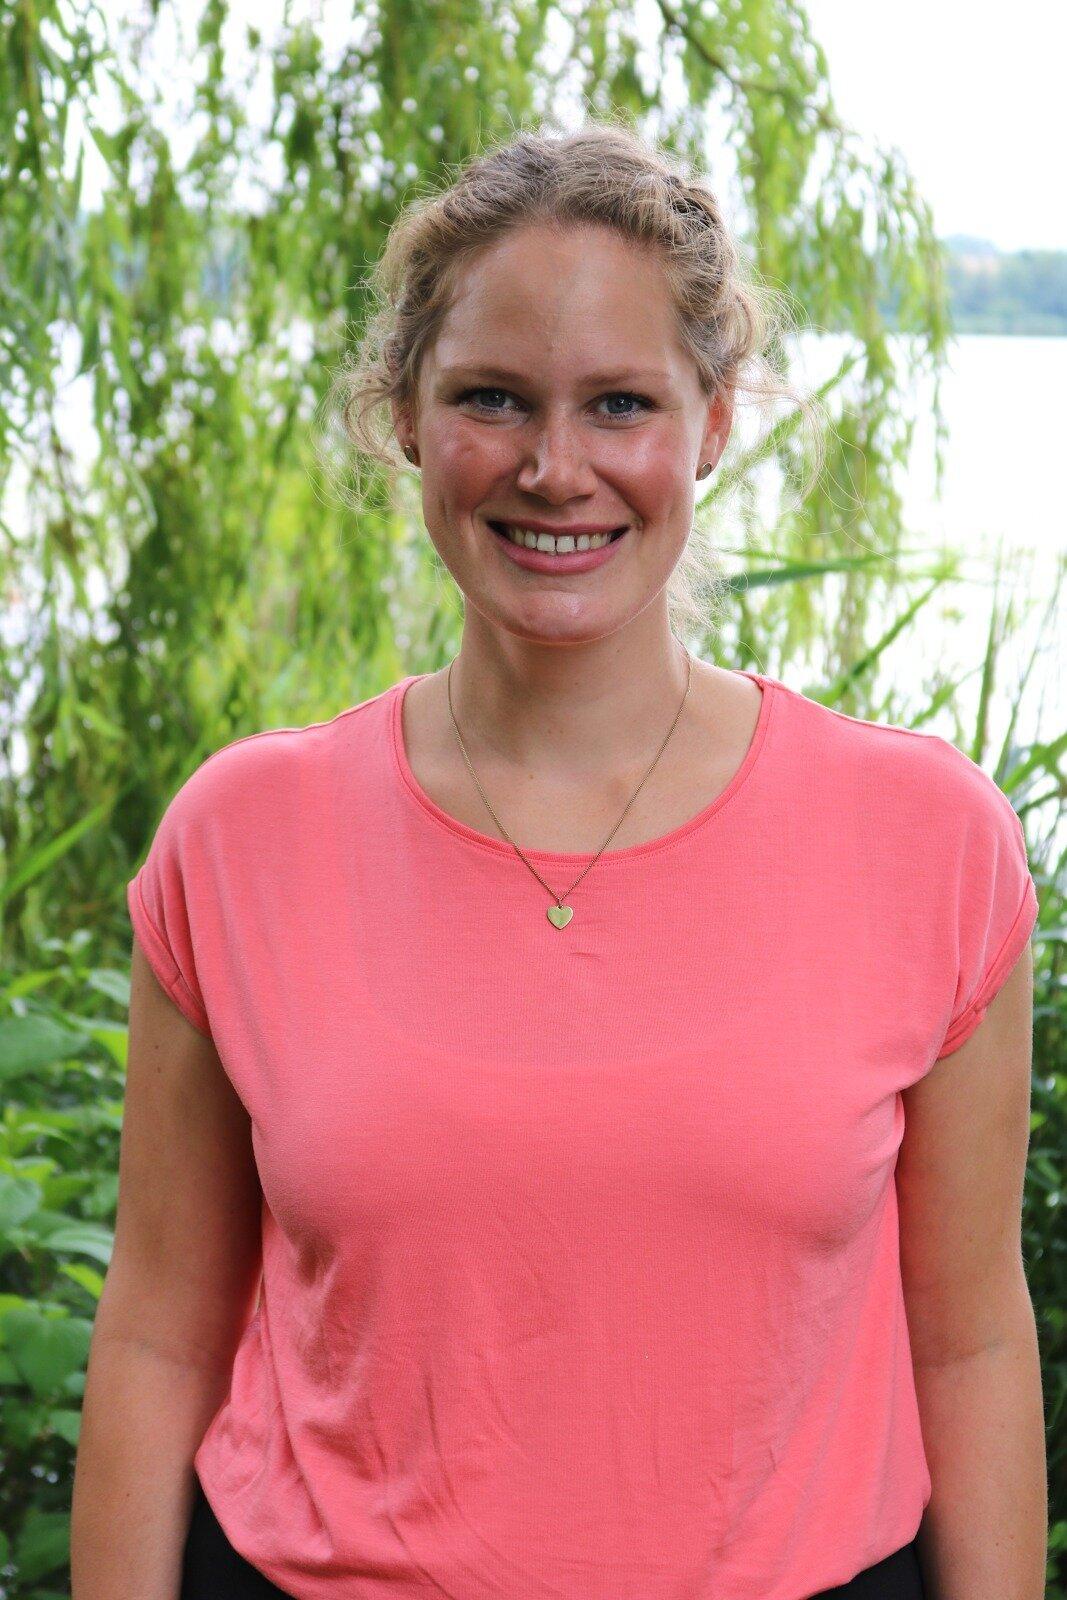 Sarah Klinger